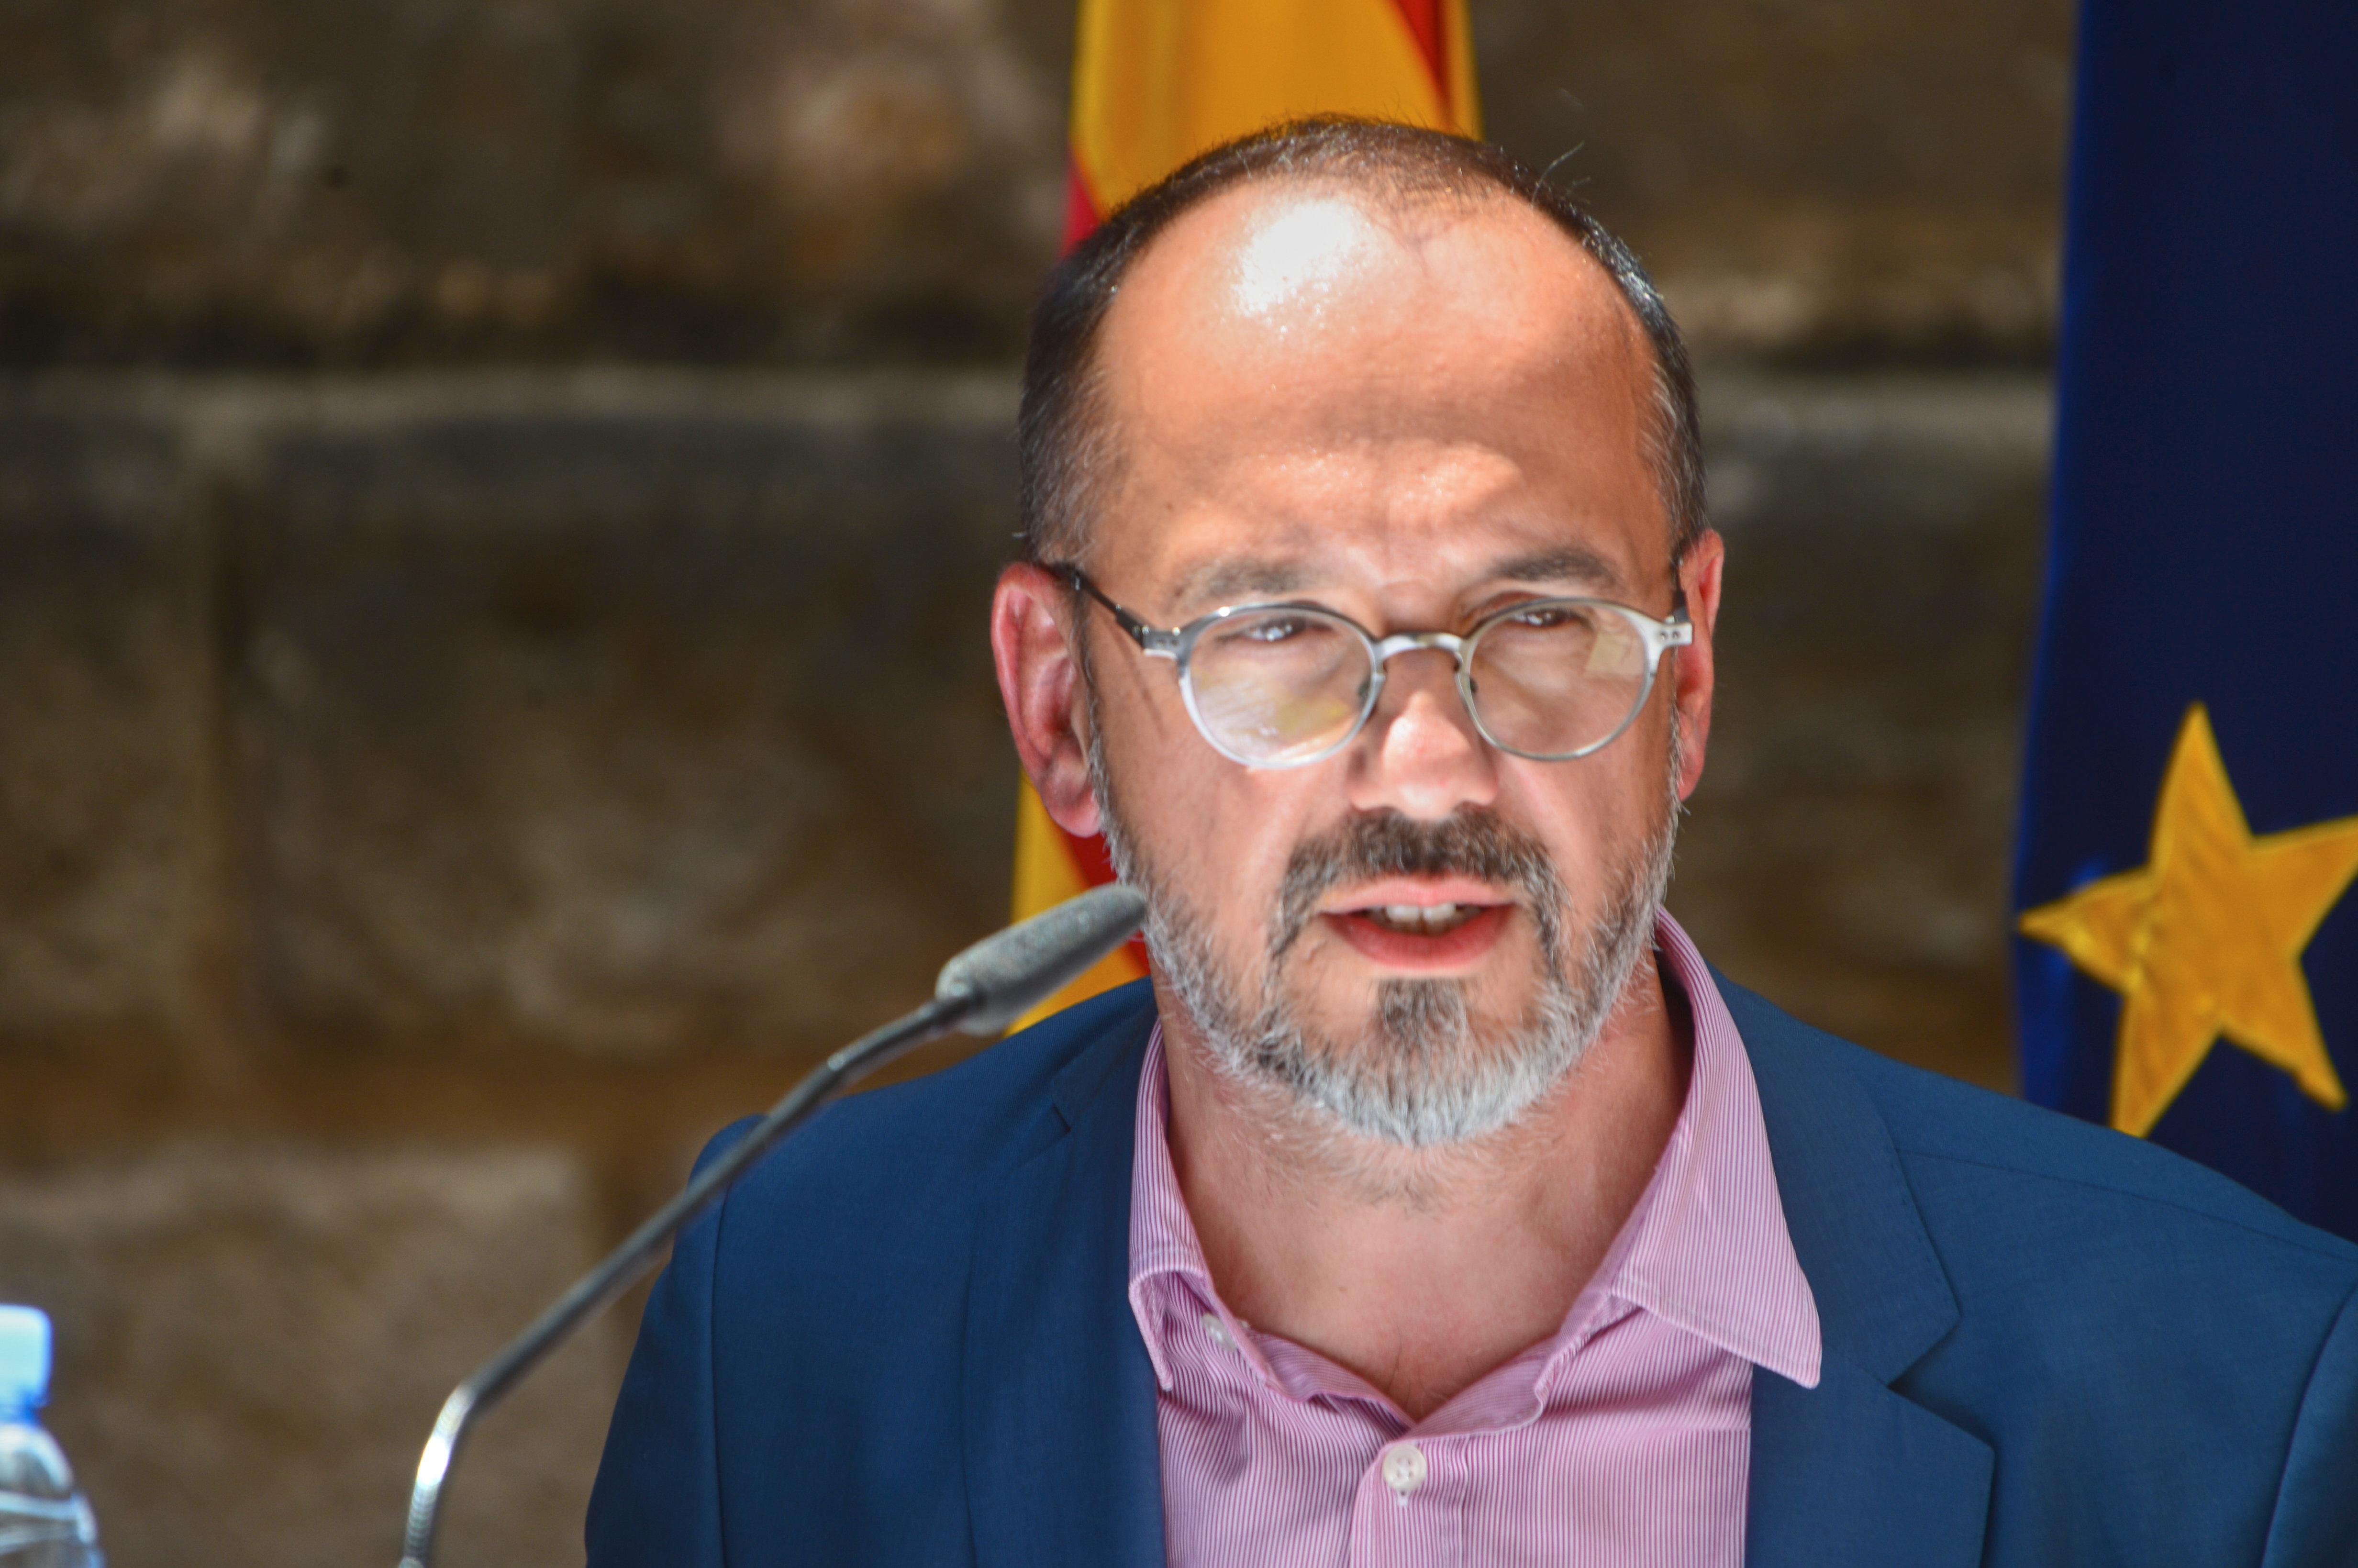 El Congreso español rechaza de nuevo la reelección de Rajoy